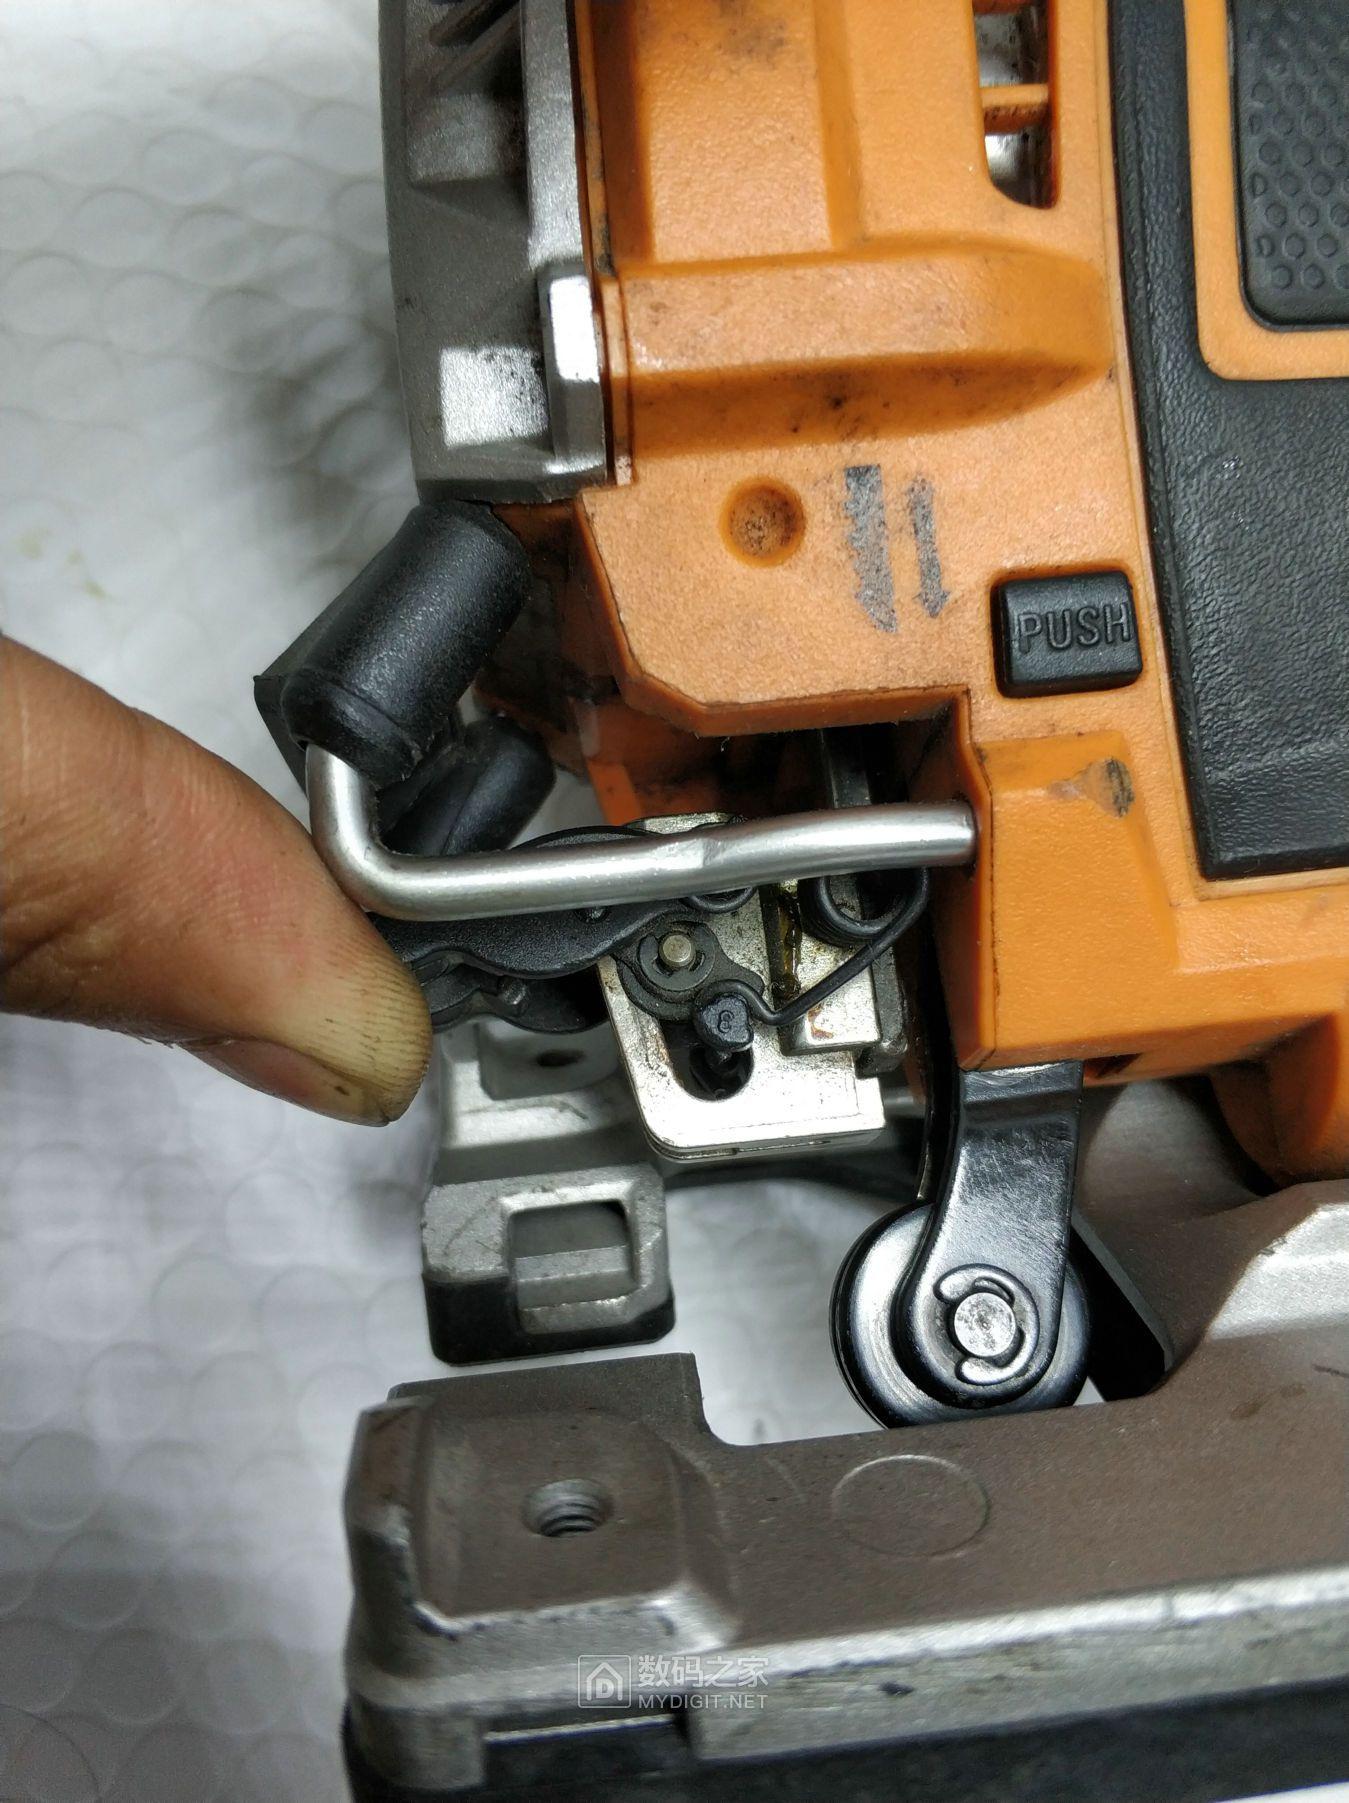 【莫莫】AEG 里奇 PST 500 X 220v曲线锯 首拆 维护 保养